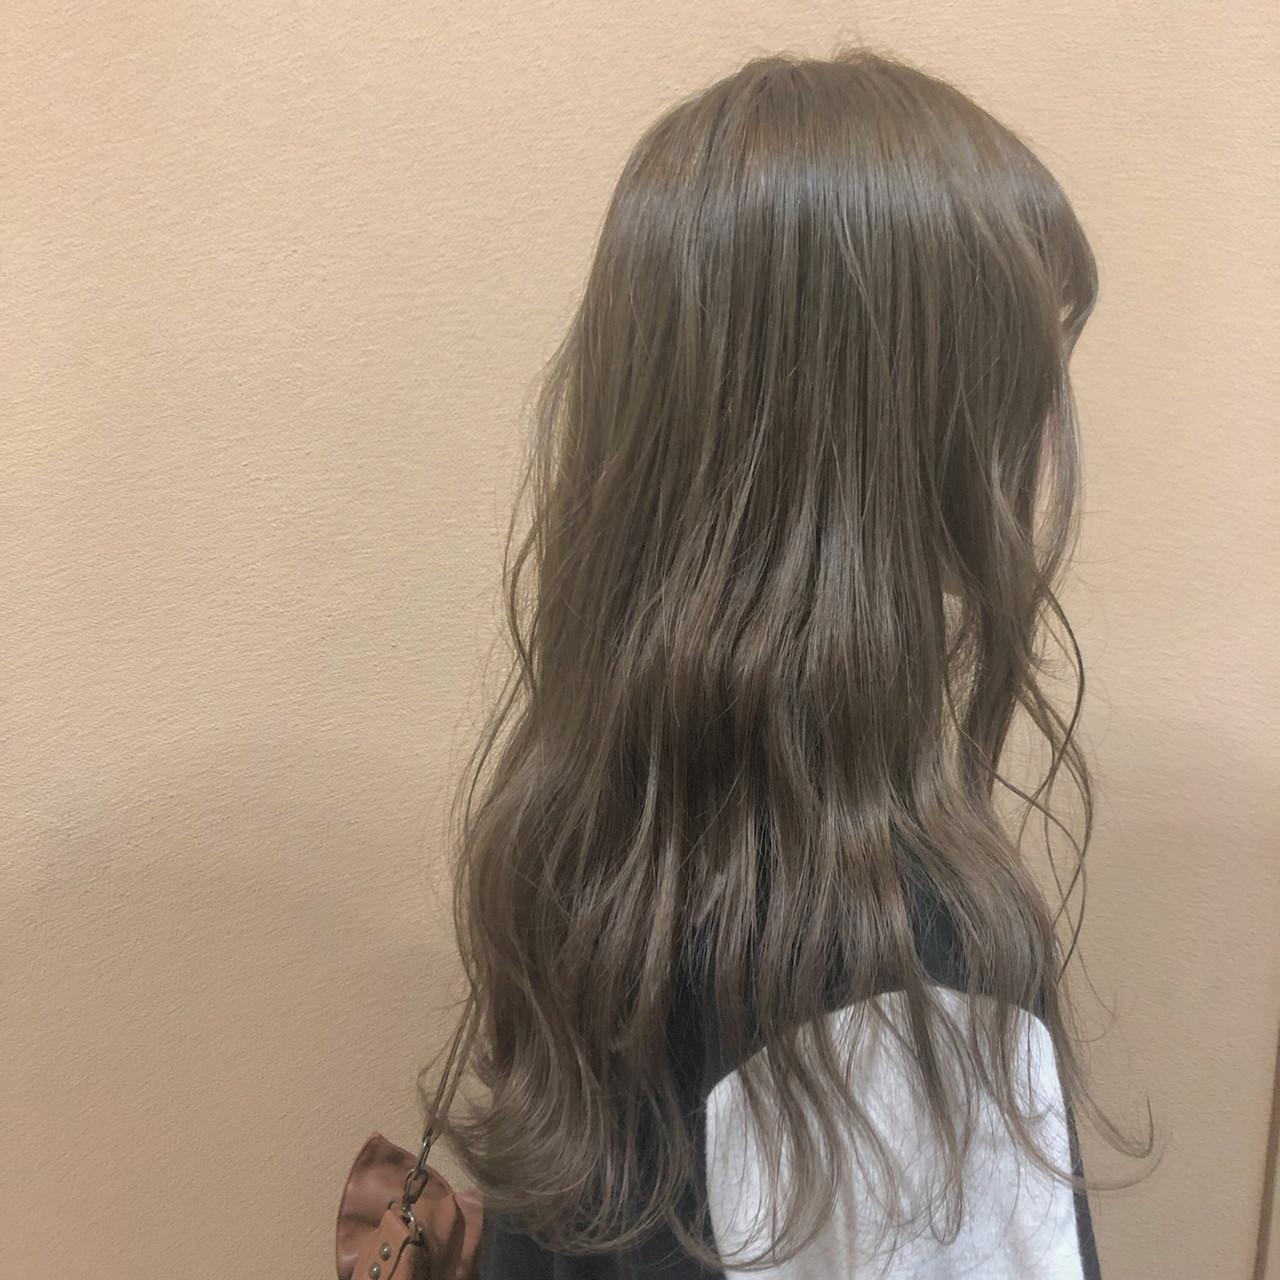 ベージュ アッシュベージュ デート ナチュラル ヘアスタイルや髪型の写真・画像